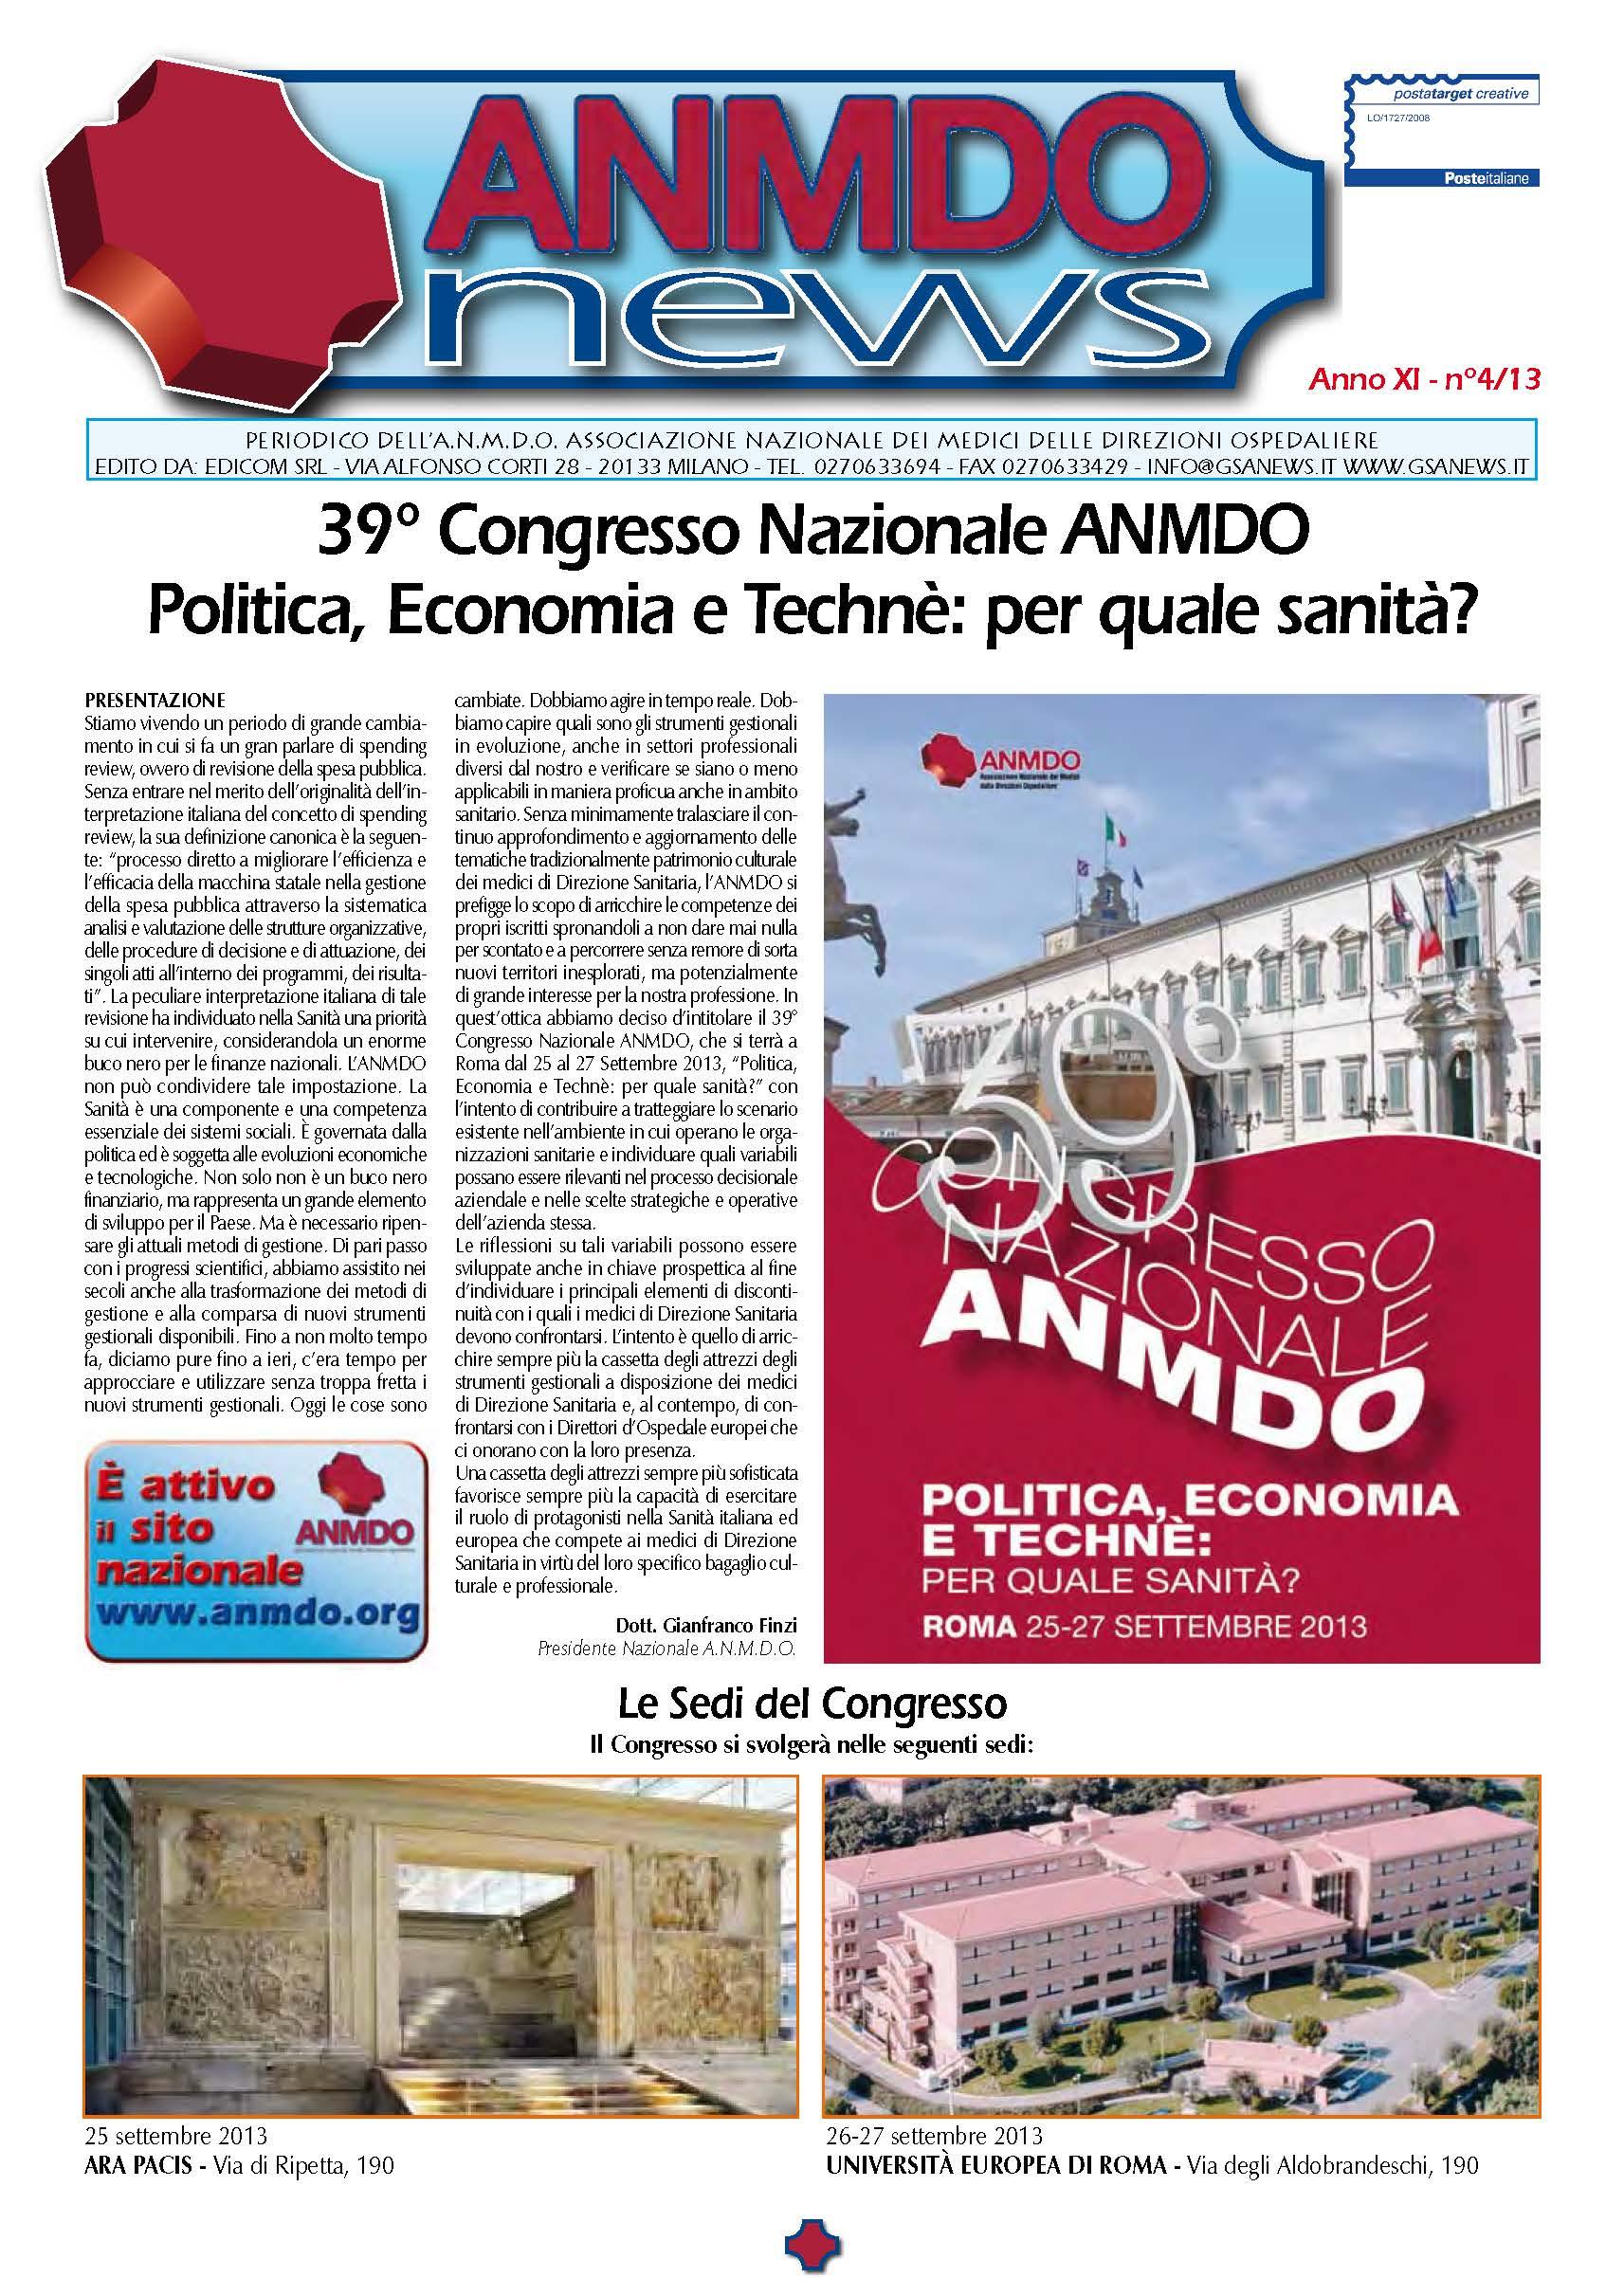 pagine-da-anmdonews_4_13